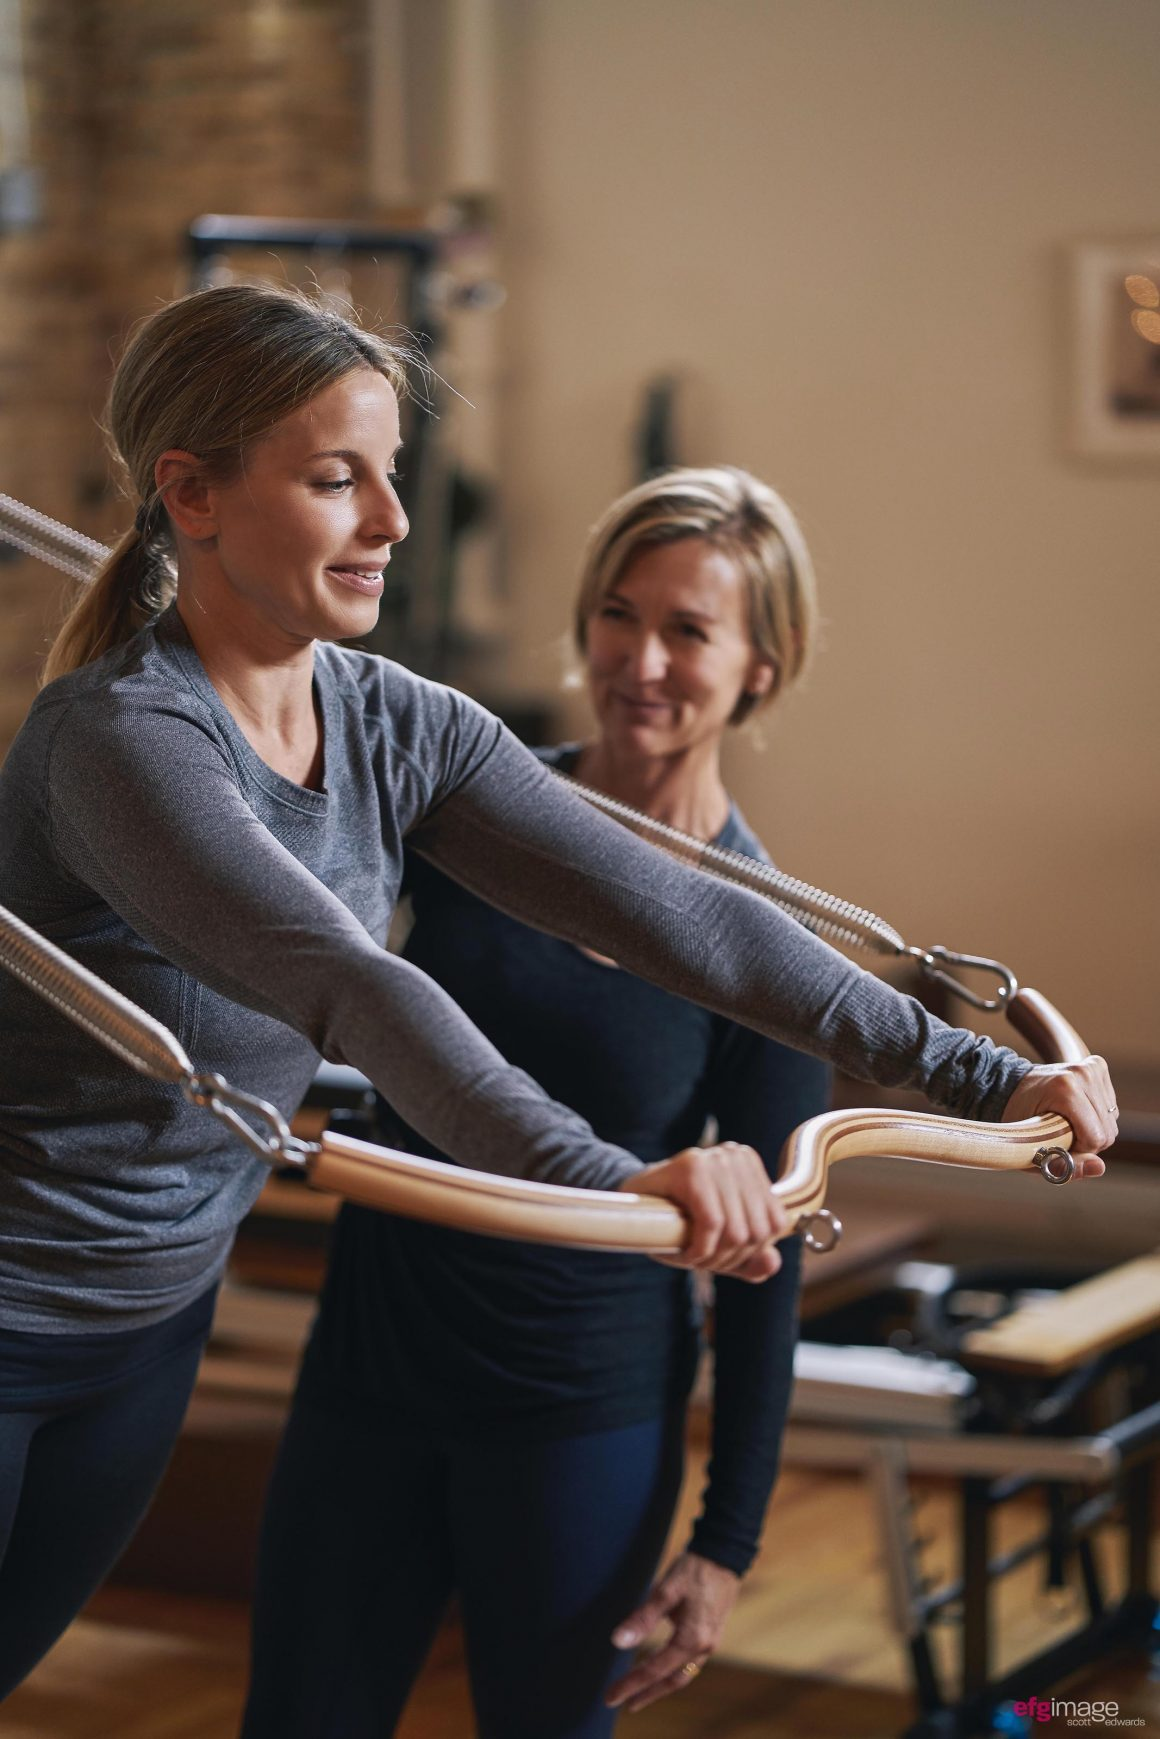 beautiful women do pilates